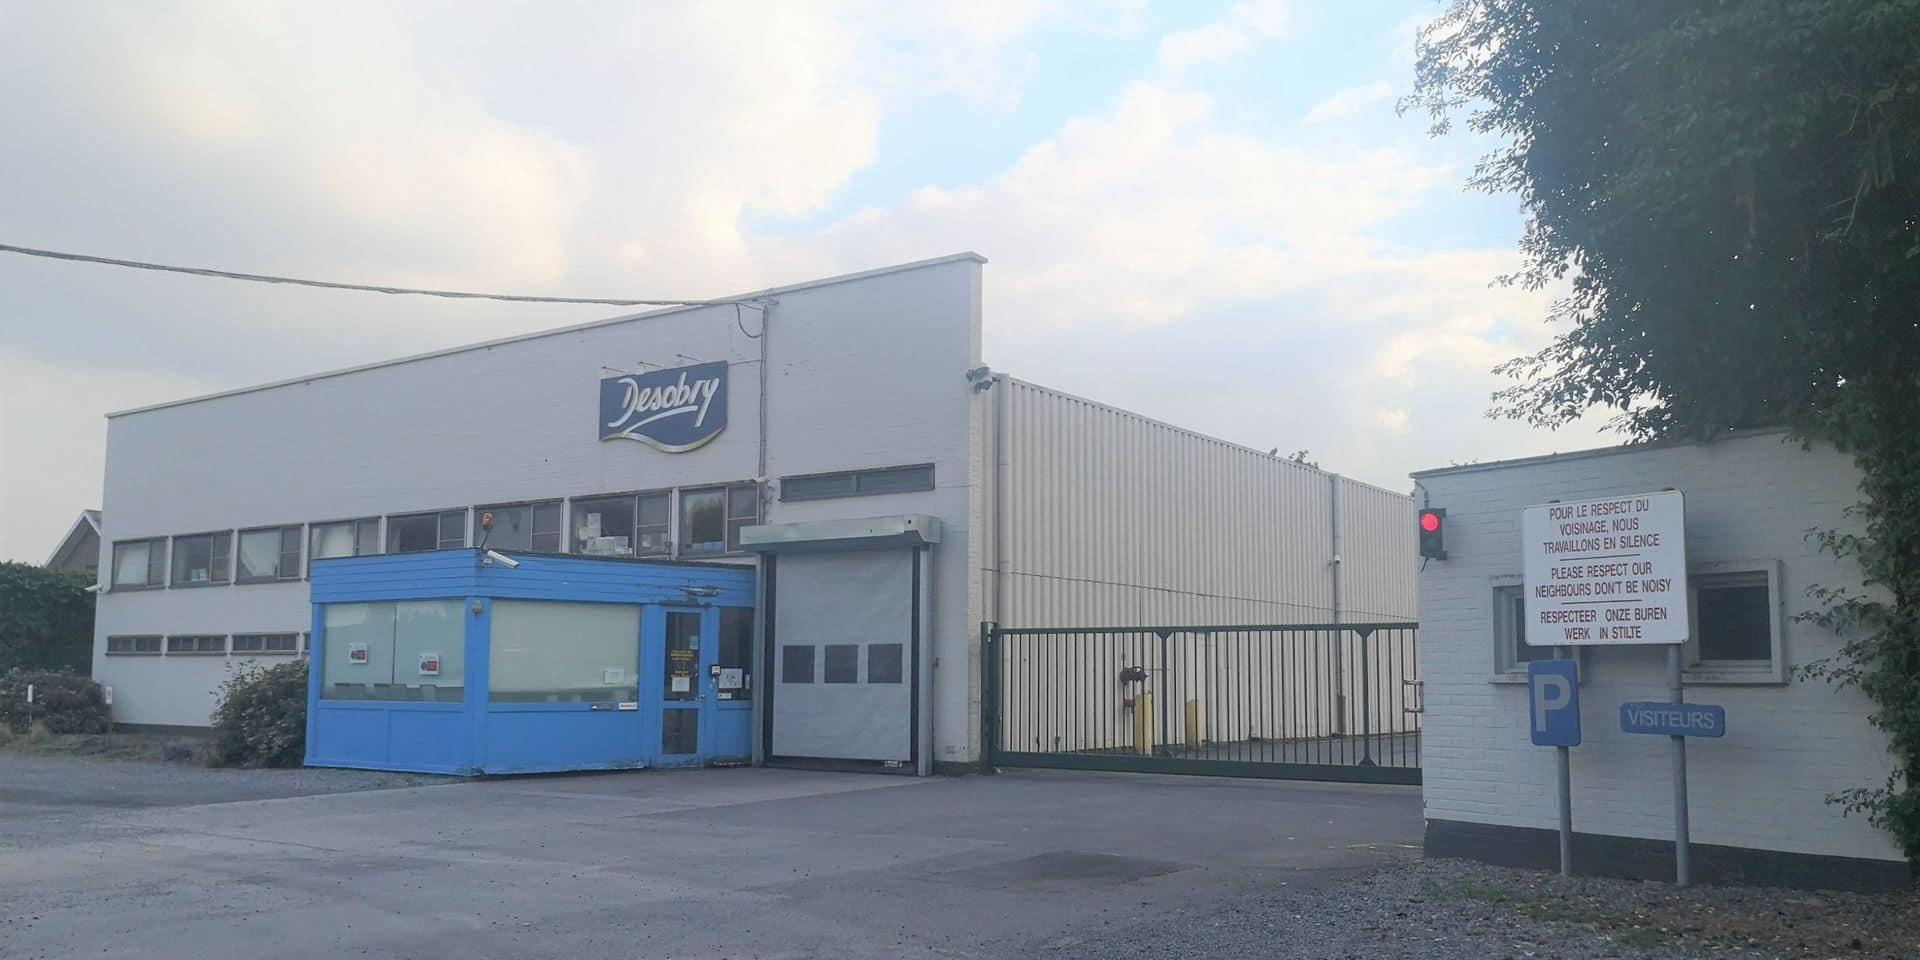 Tournai : Le projet Desobry revu à la baisse